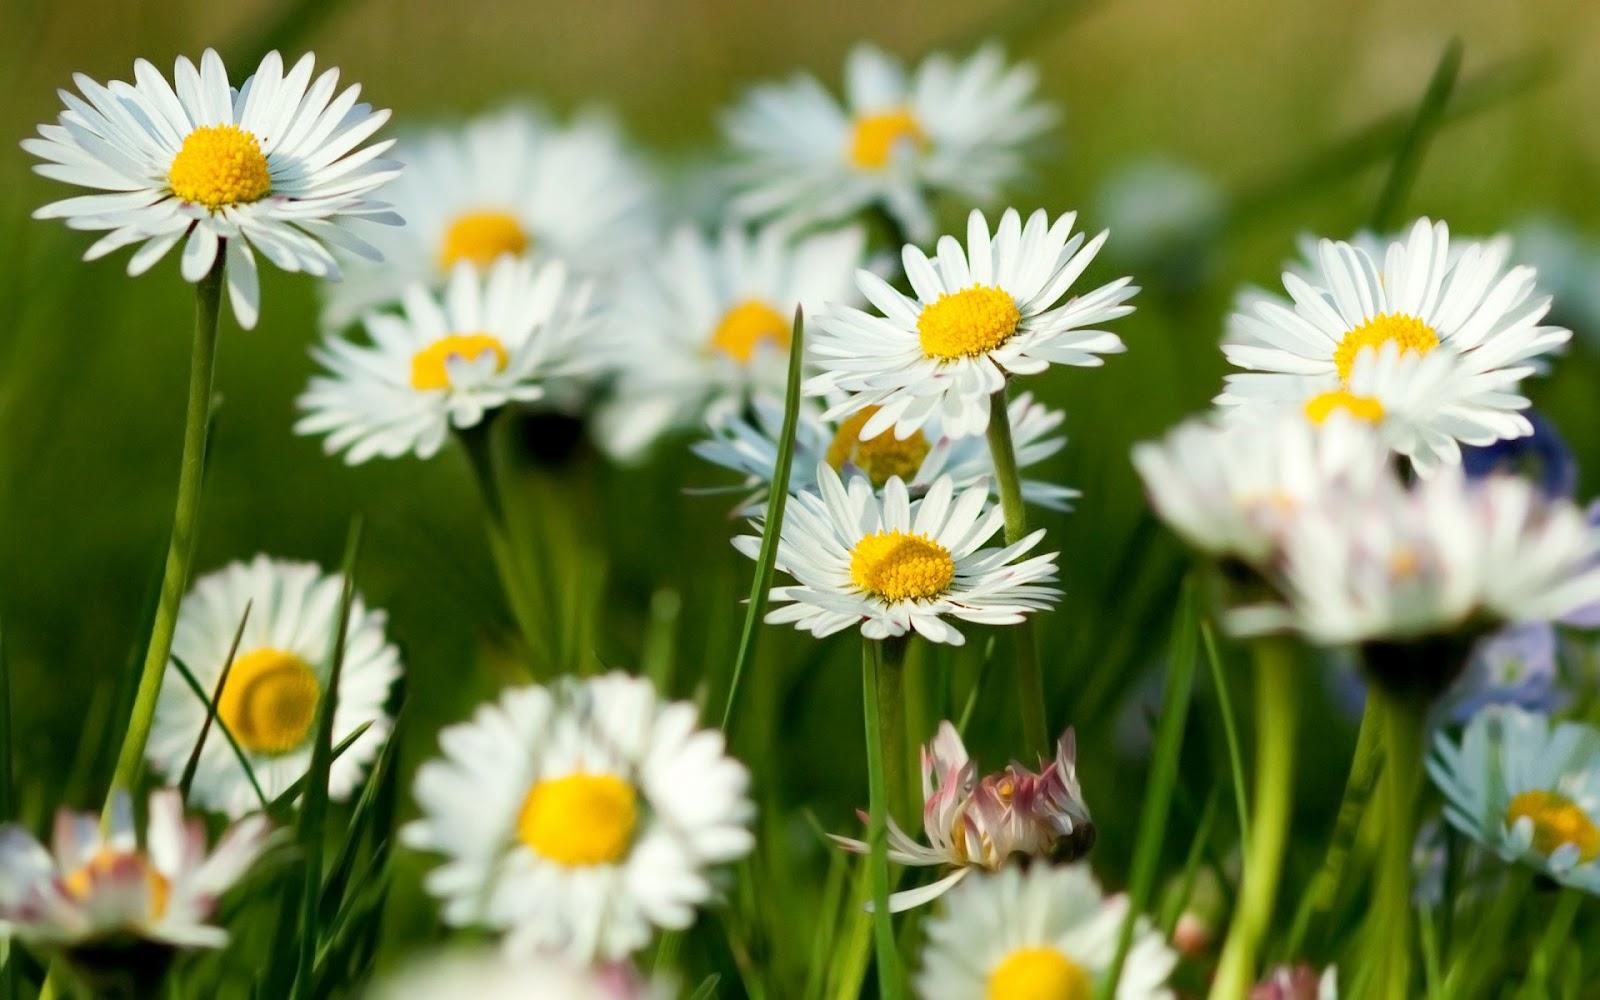 http://2.bp.blogspot.com/-6D-vcC_oeAE/UGh5i20eILI/AAAAAAAAKsU/OHJ_llGuek4/s1600/latest+flowers+hd+wallpaper.jpg